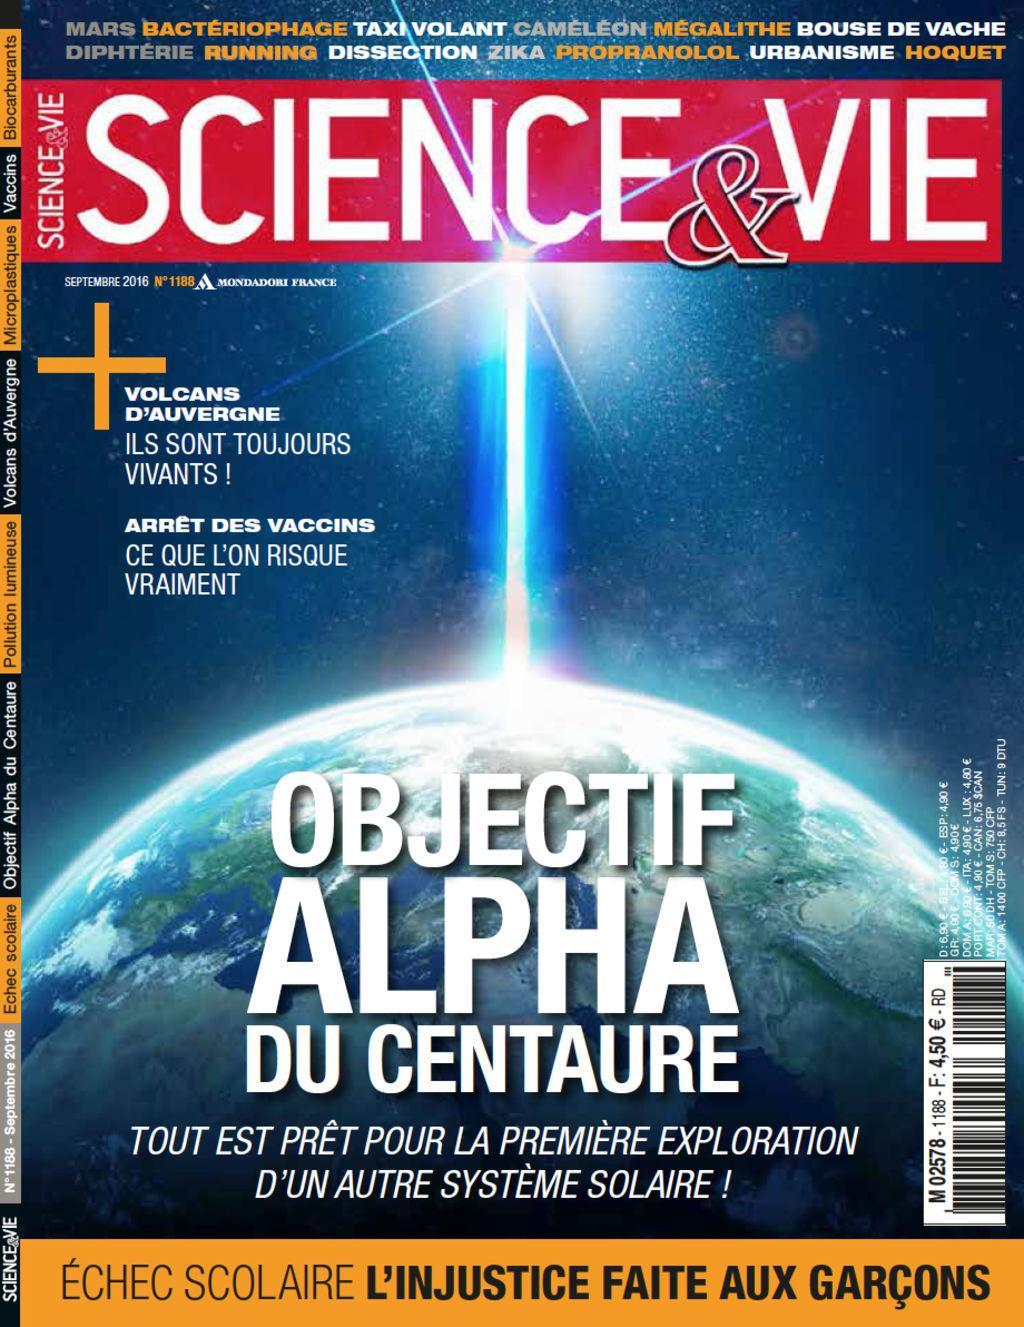 Abonnement de 2 ans pour le prix d'un an - Ex : Abonnement de 2 ans à Science & Vie